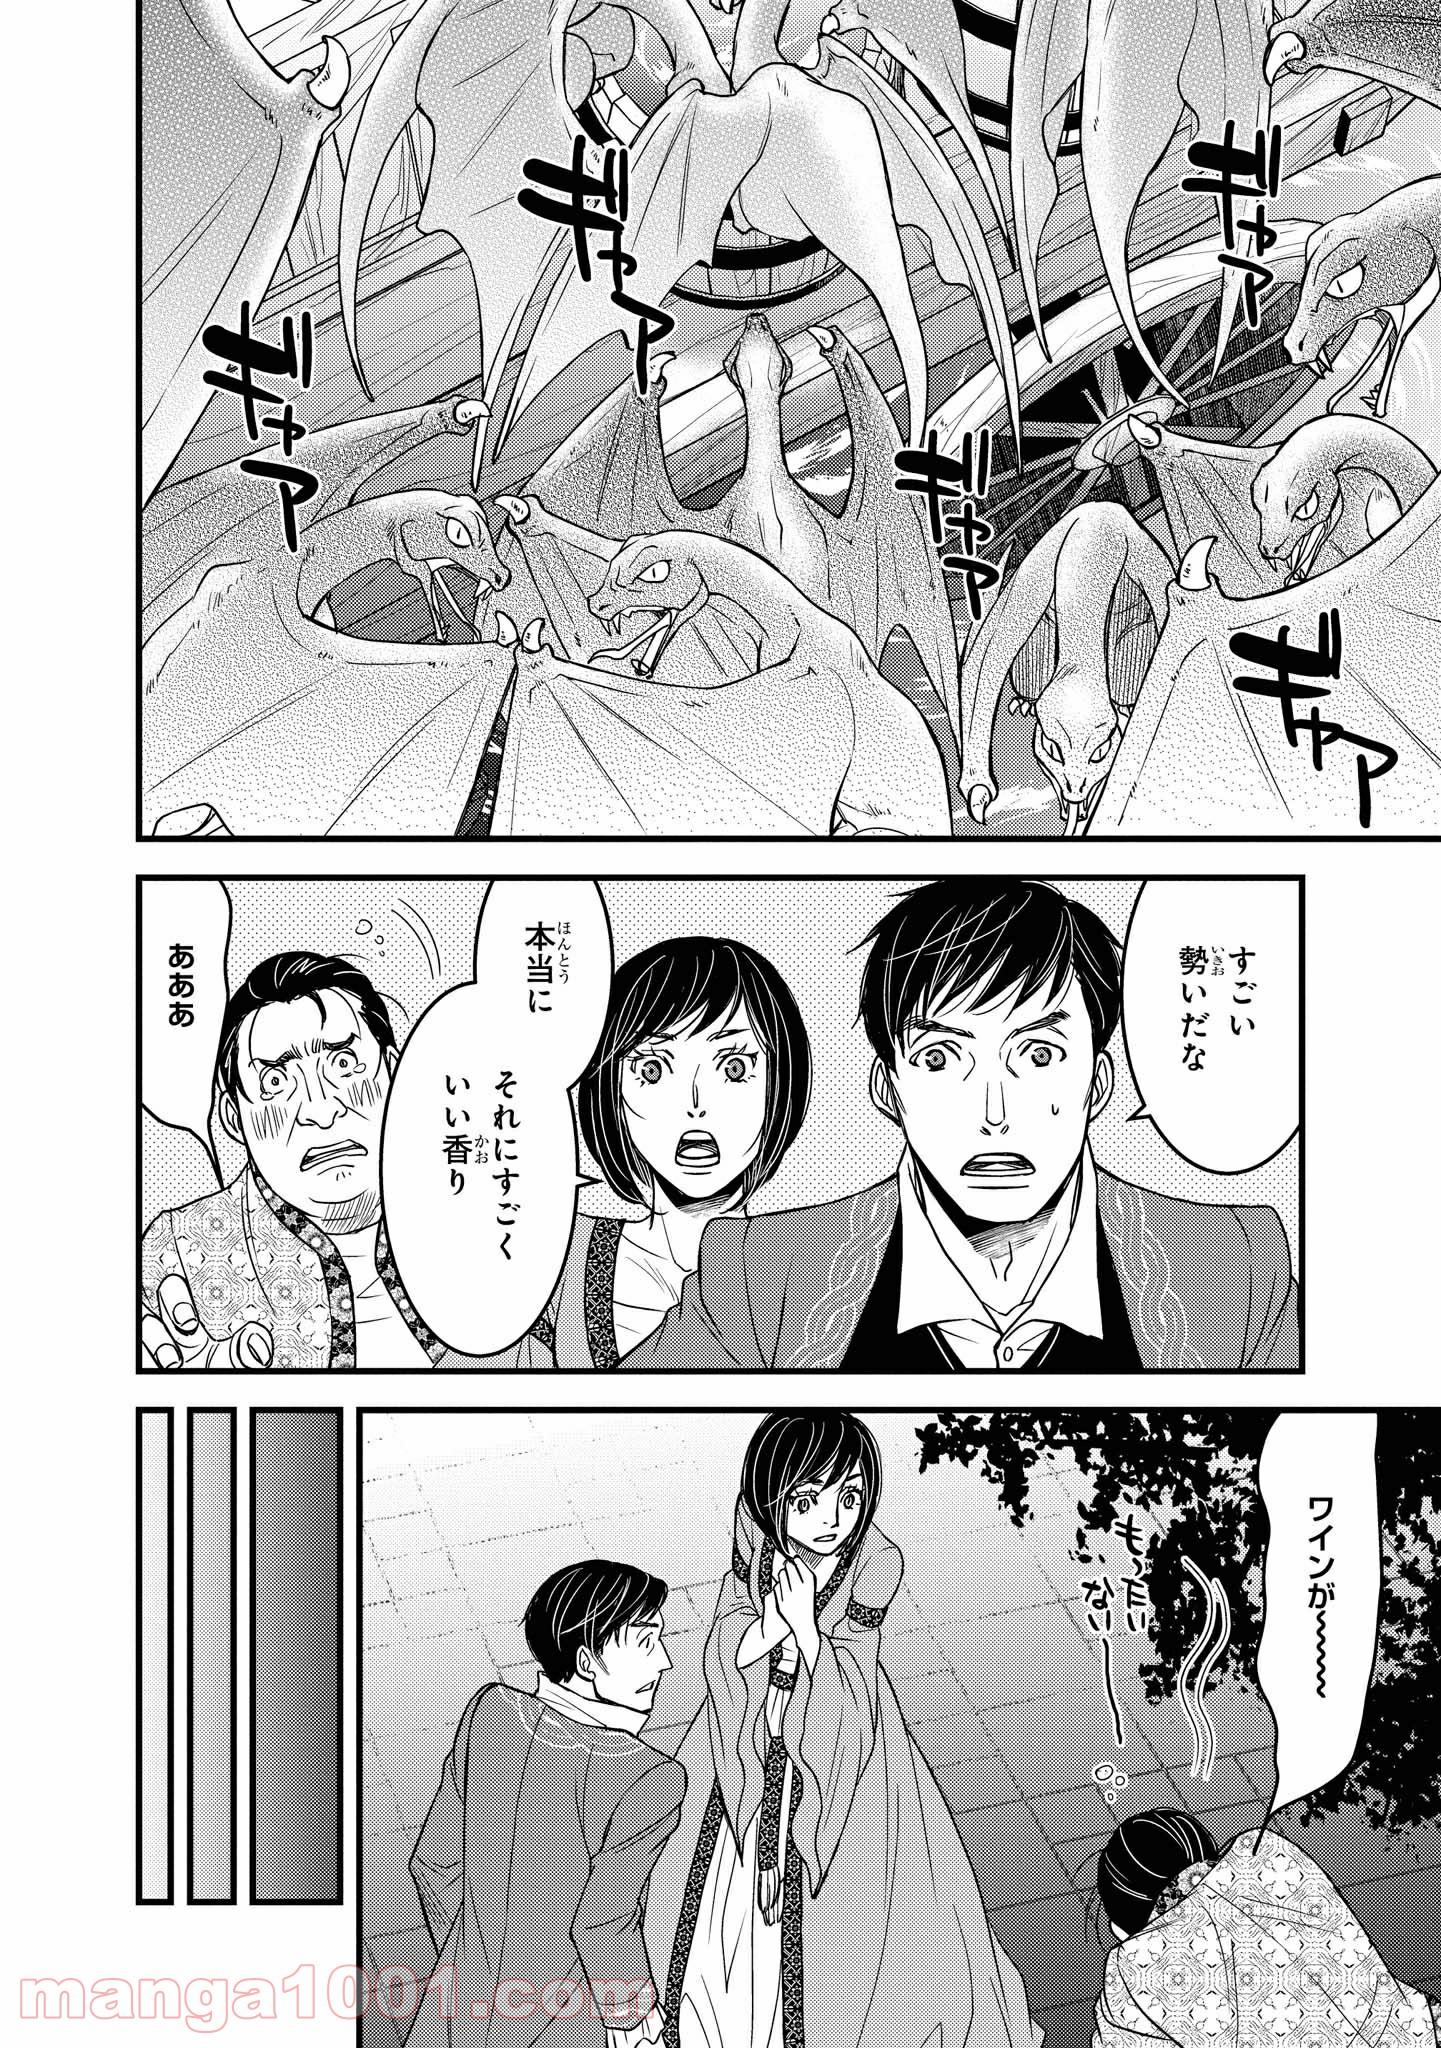 騎士団長 島耕作 - Raw 【第19話】 - Manga1001.com